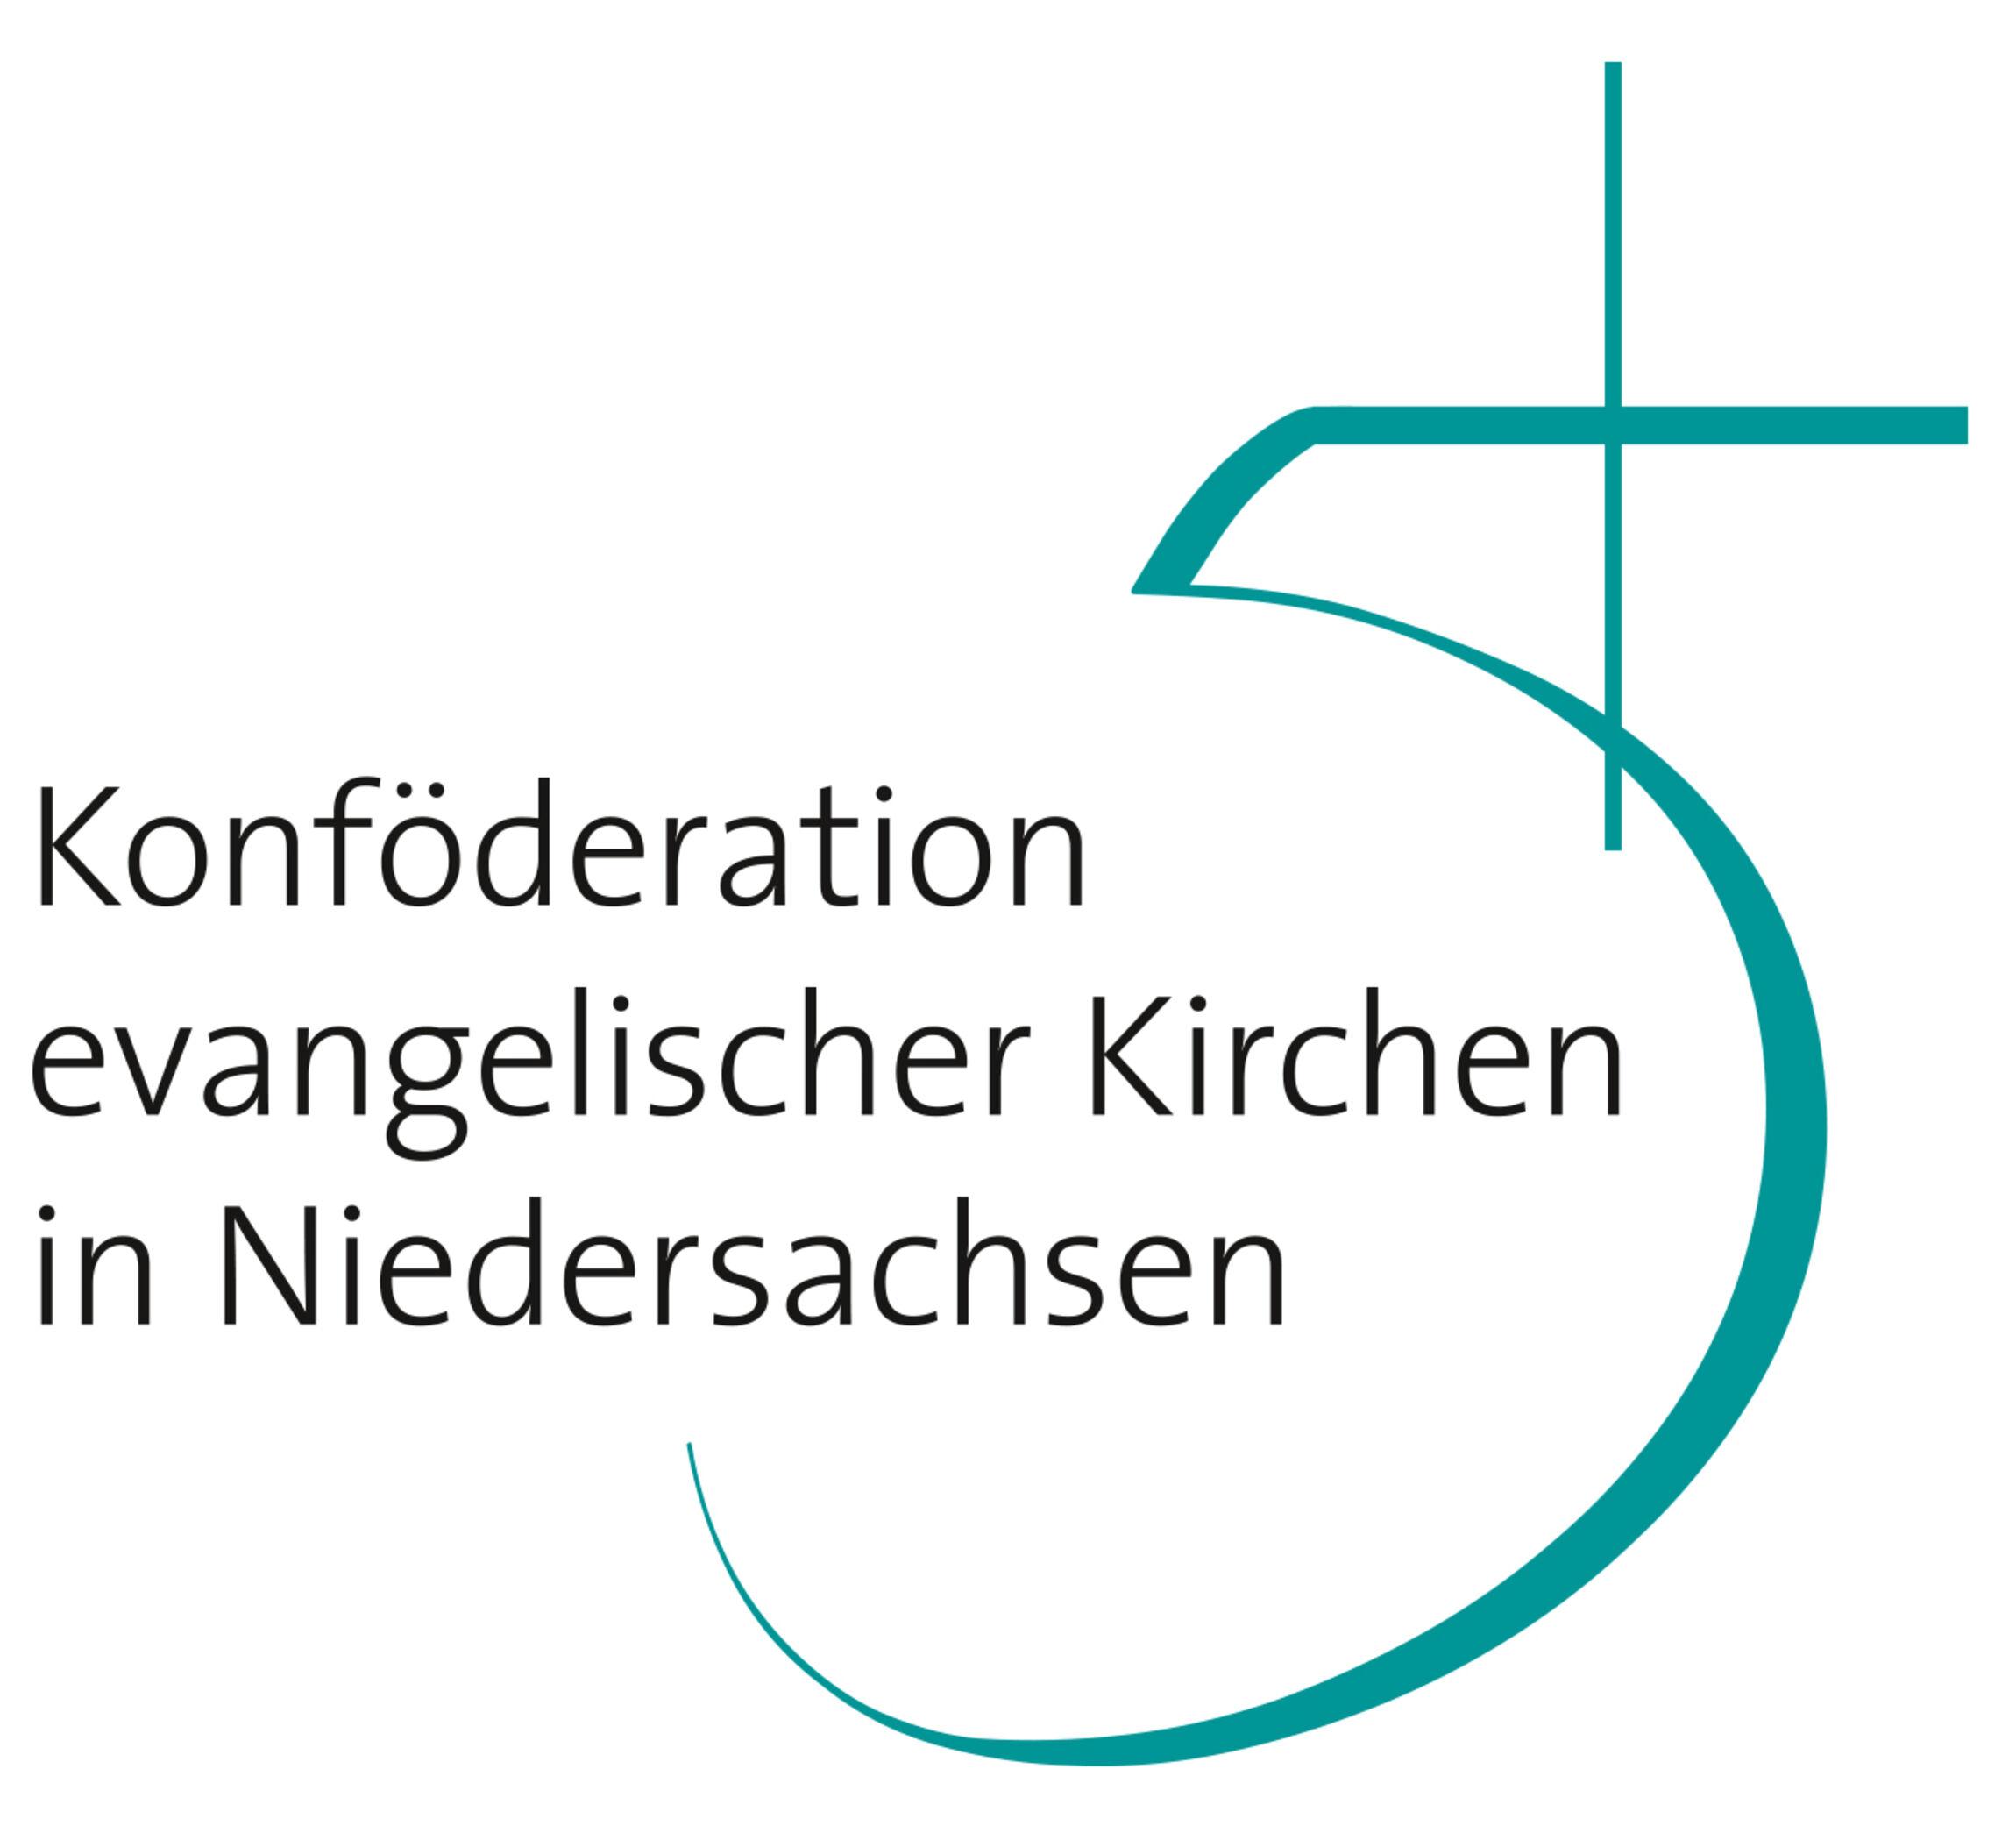 vokationsgesetze der kirchen der konfderation - Bewerbung Referendariat Niedersachsen